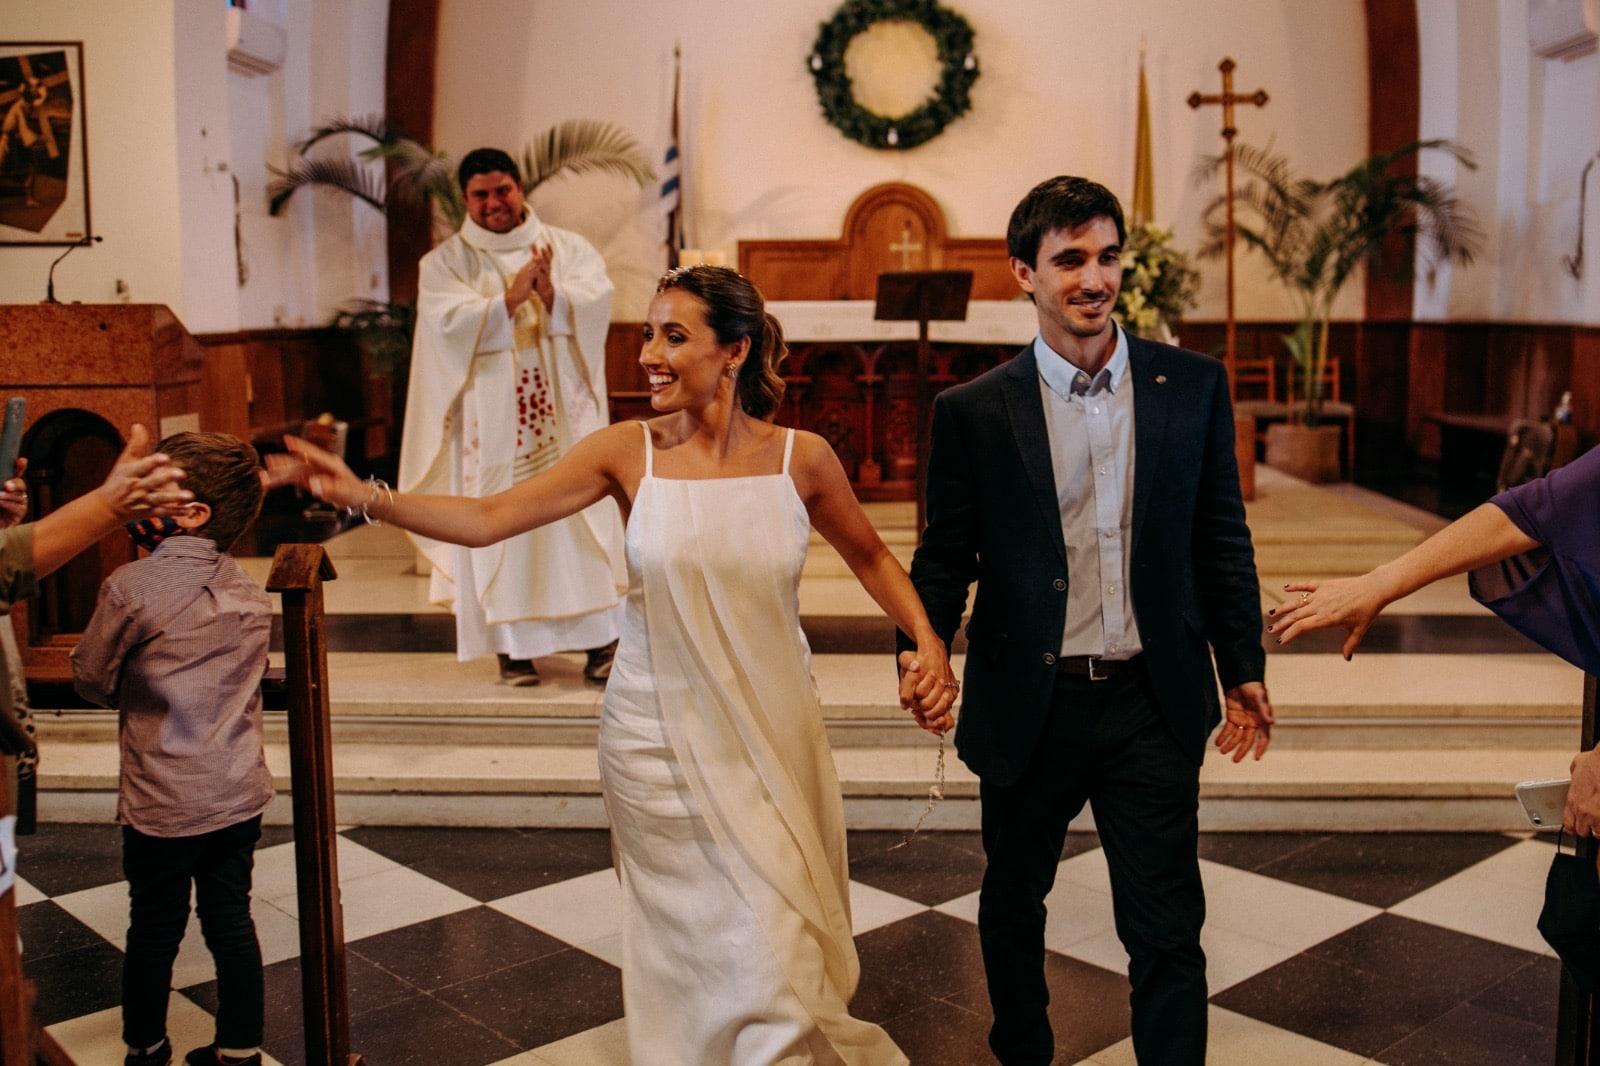 casamiento en pandemia en stella maris